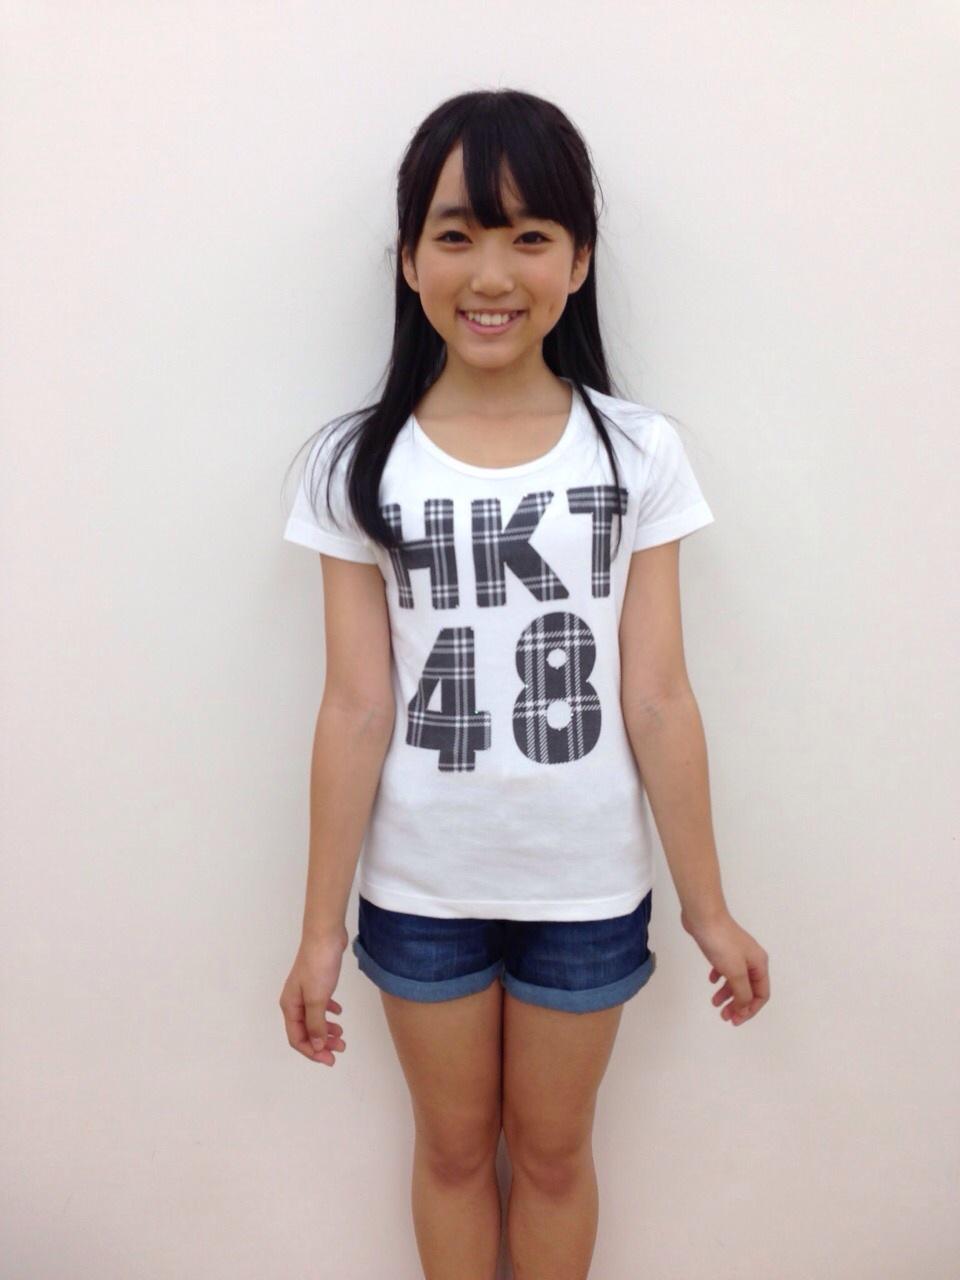 ジュニアアイドルすじ&s/img.jpg4.info/エロU-15ジュニア